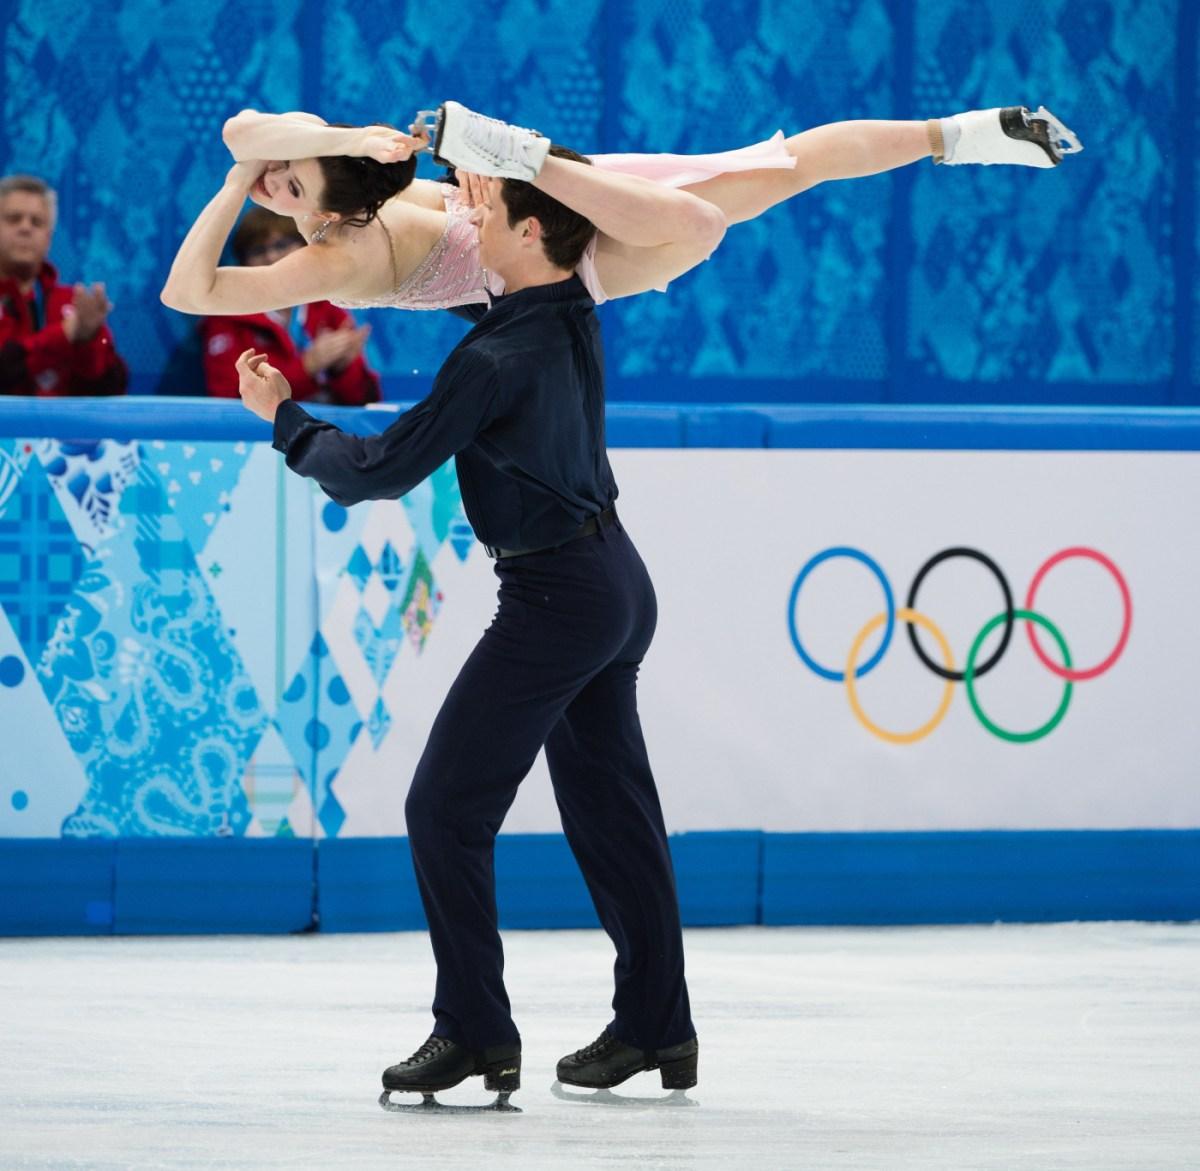 Équipe Canada - Virtue et Moir - Sotchi